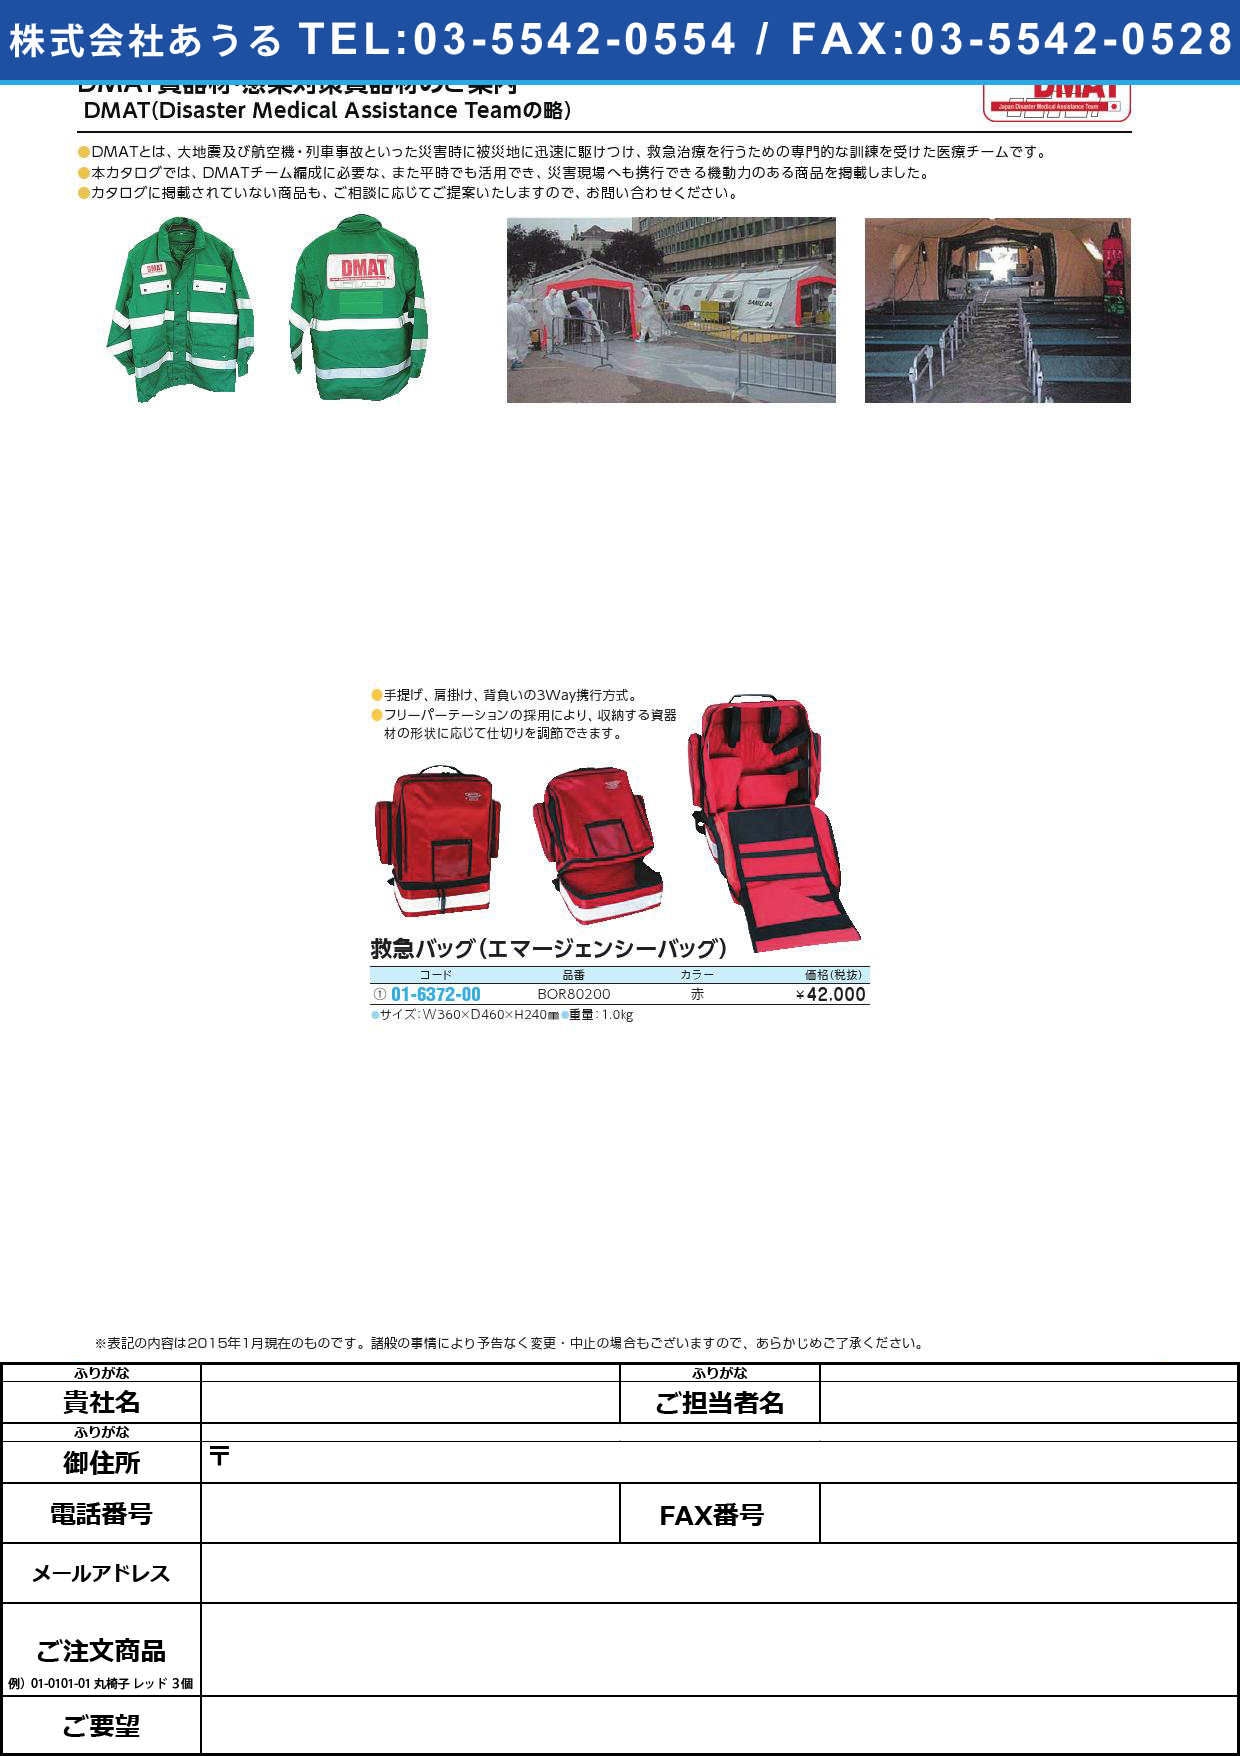 エマージェンシーバッグ エマージェンシーバッグ(01-6372-00)BOR80200(アカ)【1個単位】